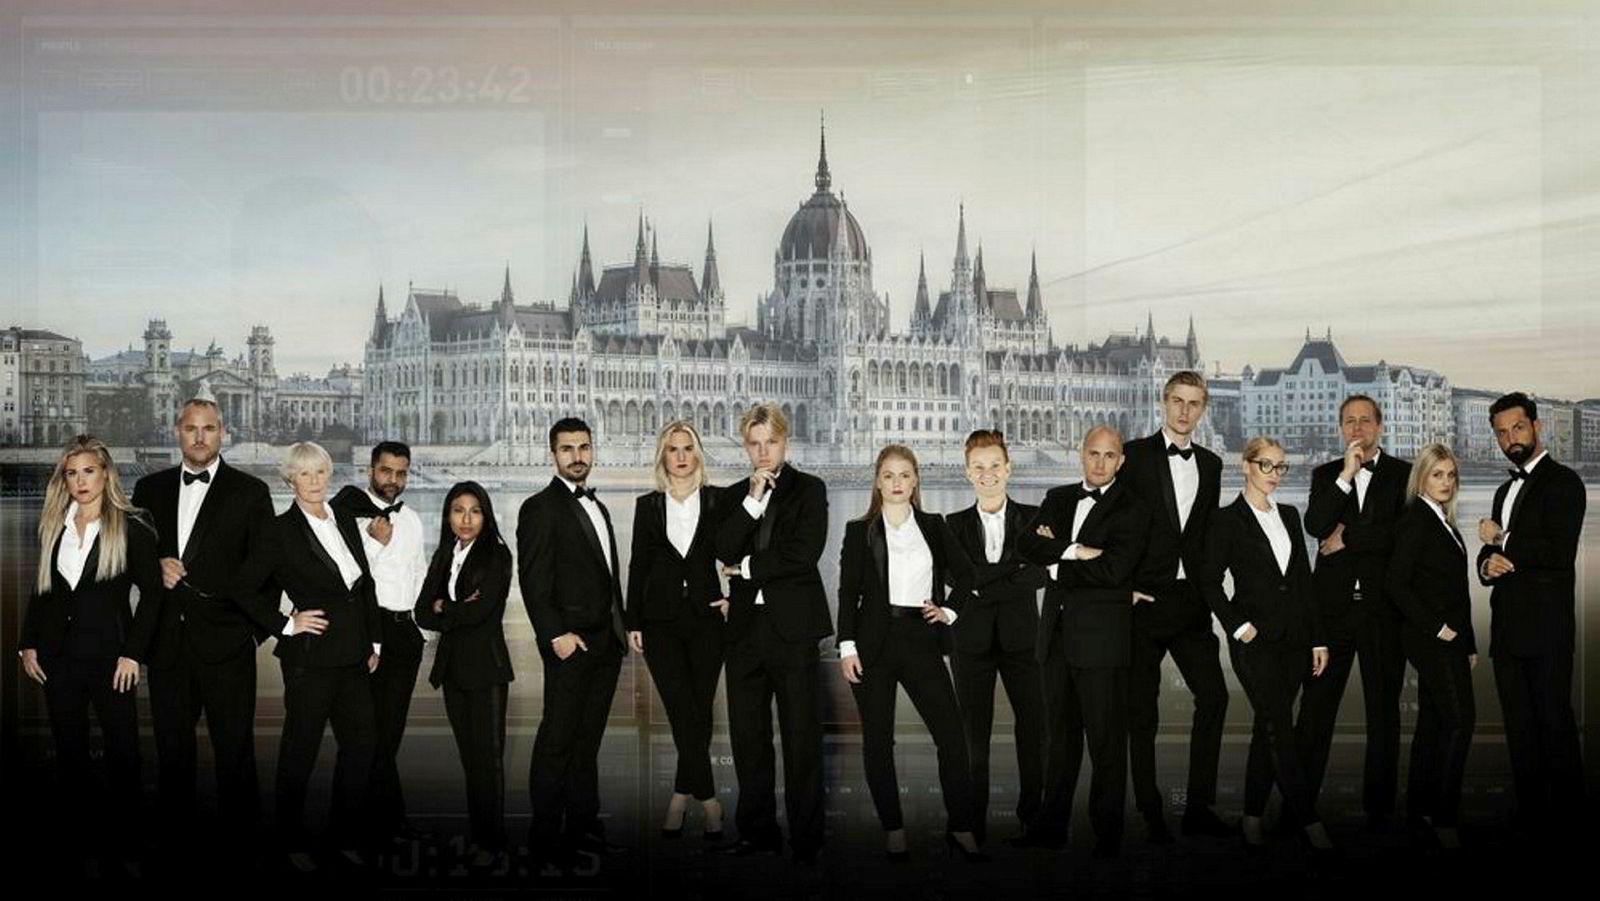 Realityserien «Den ultimate agent» er lagt til «spionbyen» Budapest, hvor 16 deltagere har fått en rekke oppgaver å løse, før en deltager har måttet pakke spion-kofferten på slutten av hver episode.